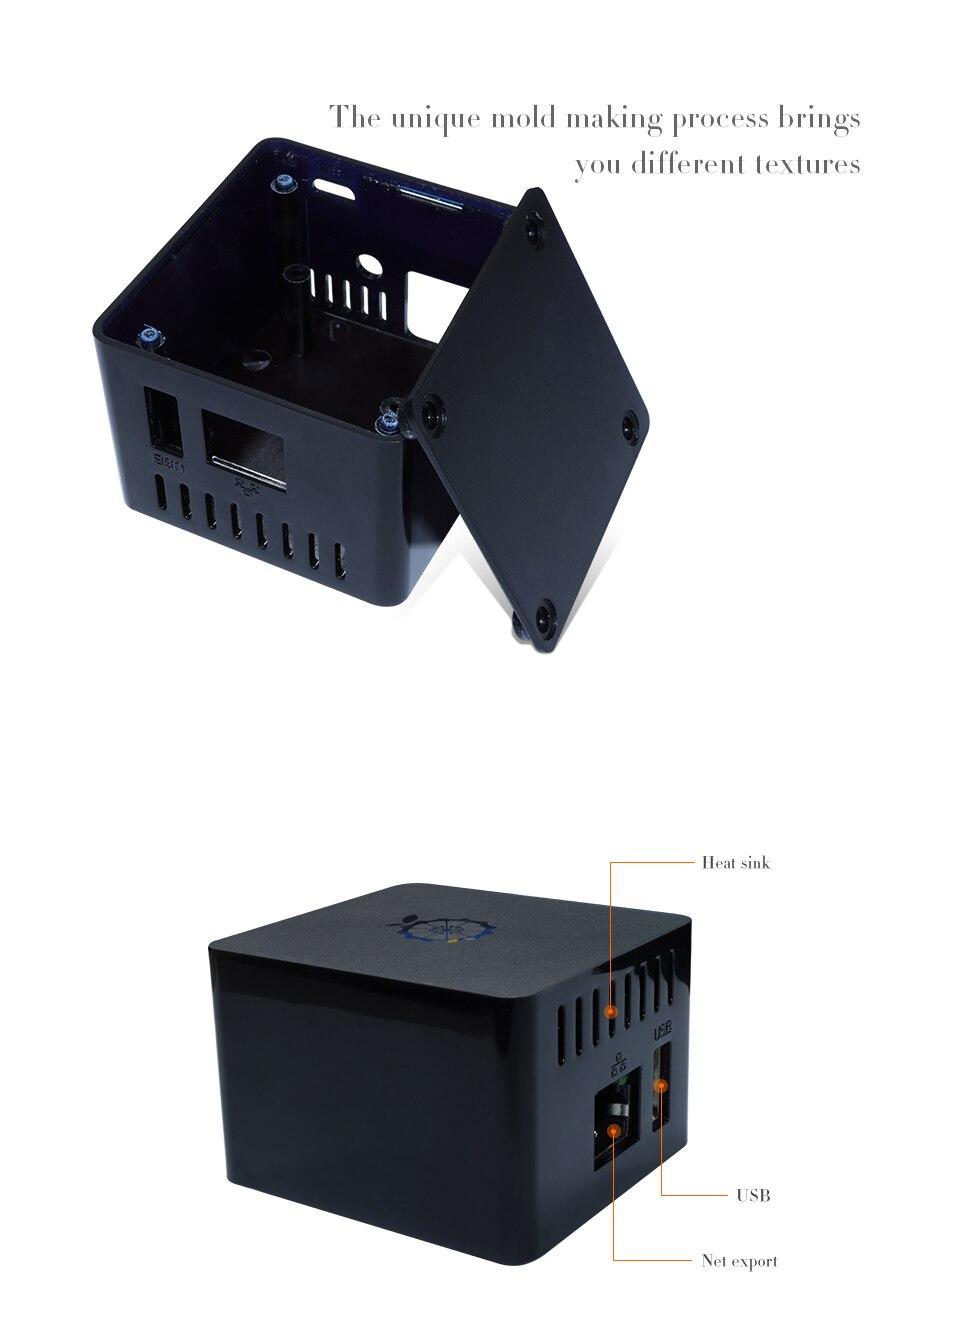 Оранжевый Pi Черный ABS защитный чехол: который подходит для Orange Pi Zero с платой расширения, не подходит для Zero Plus2